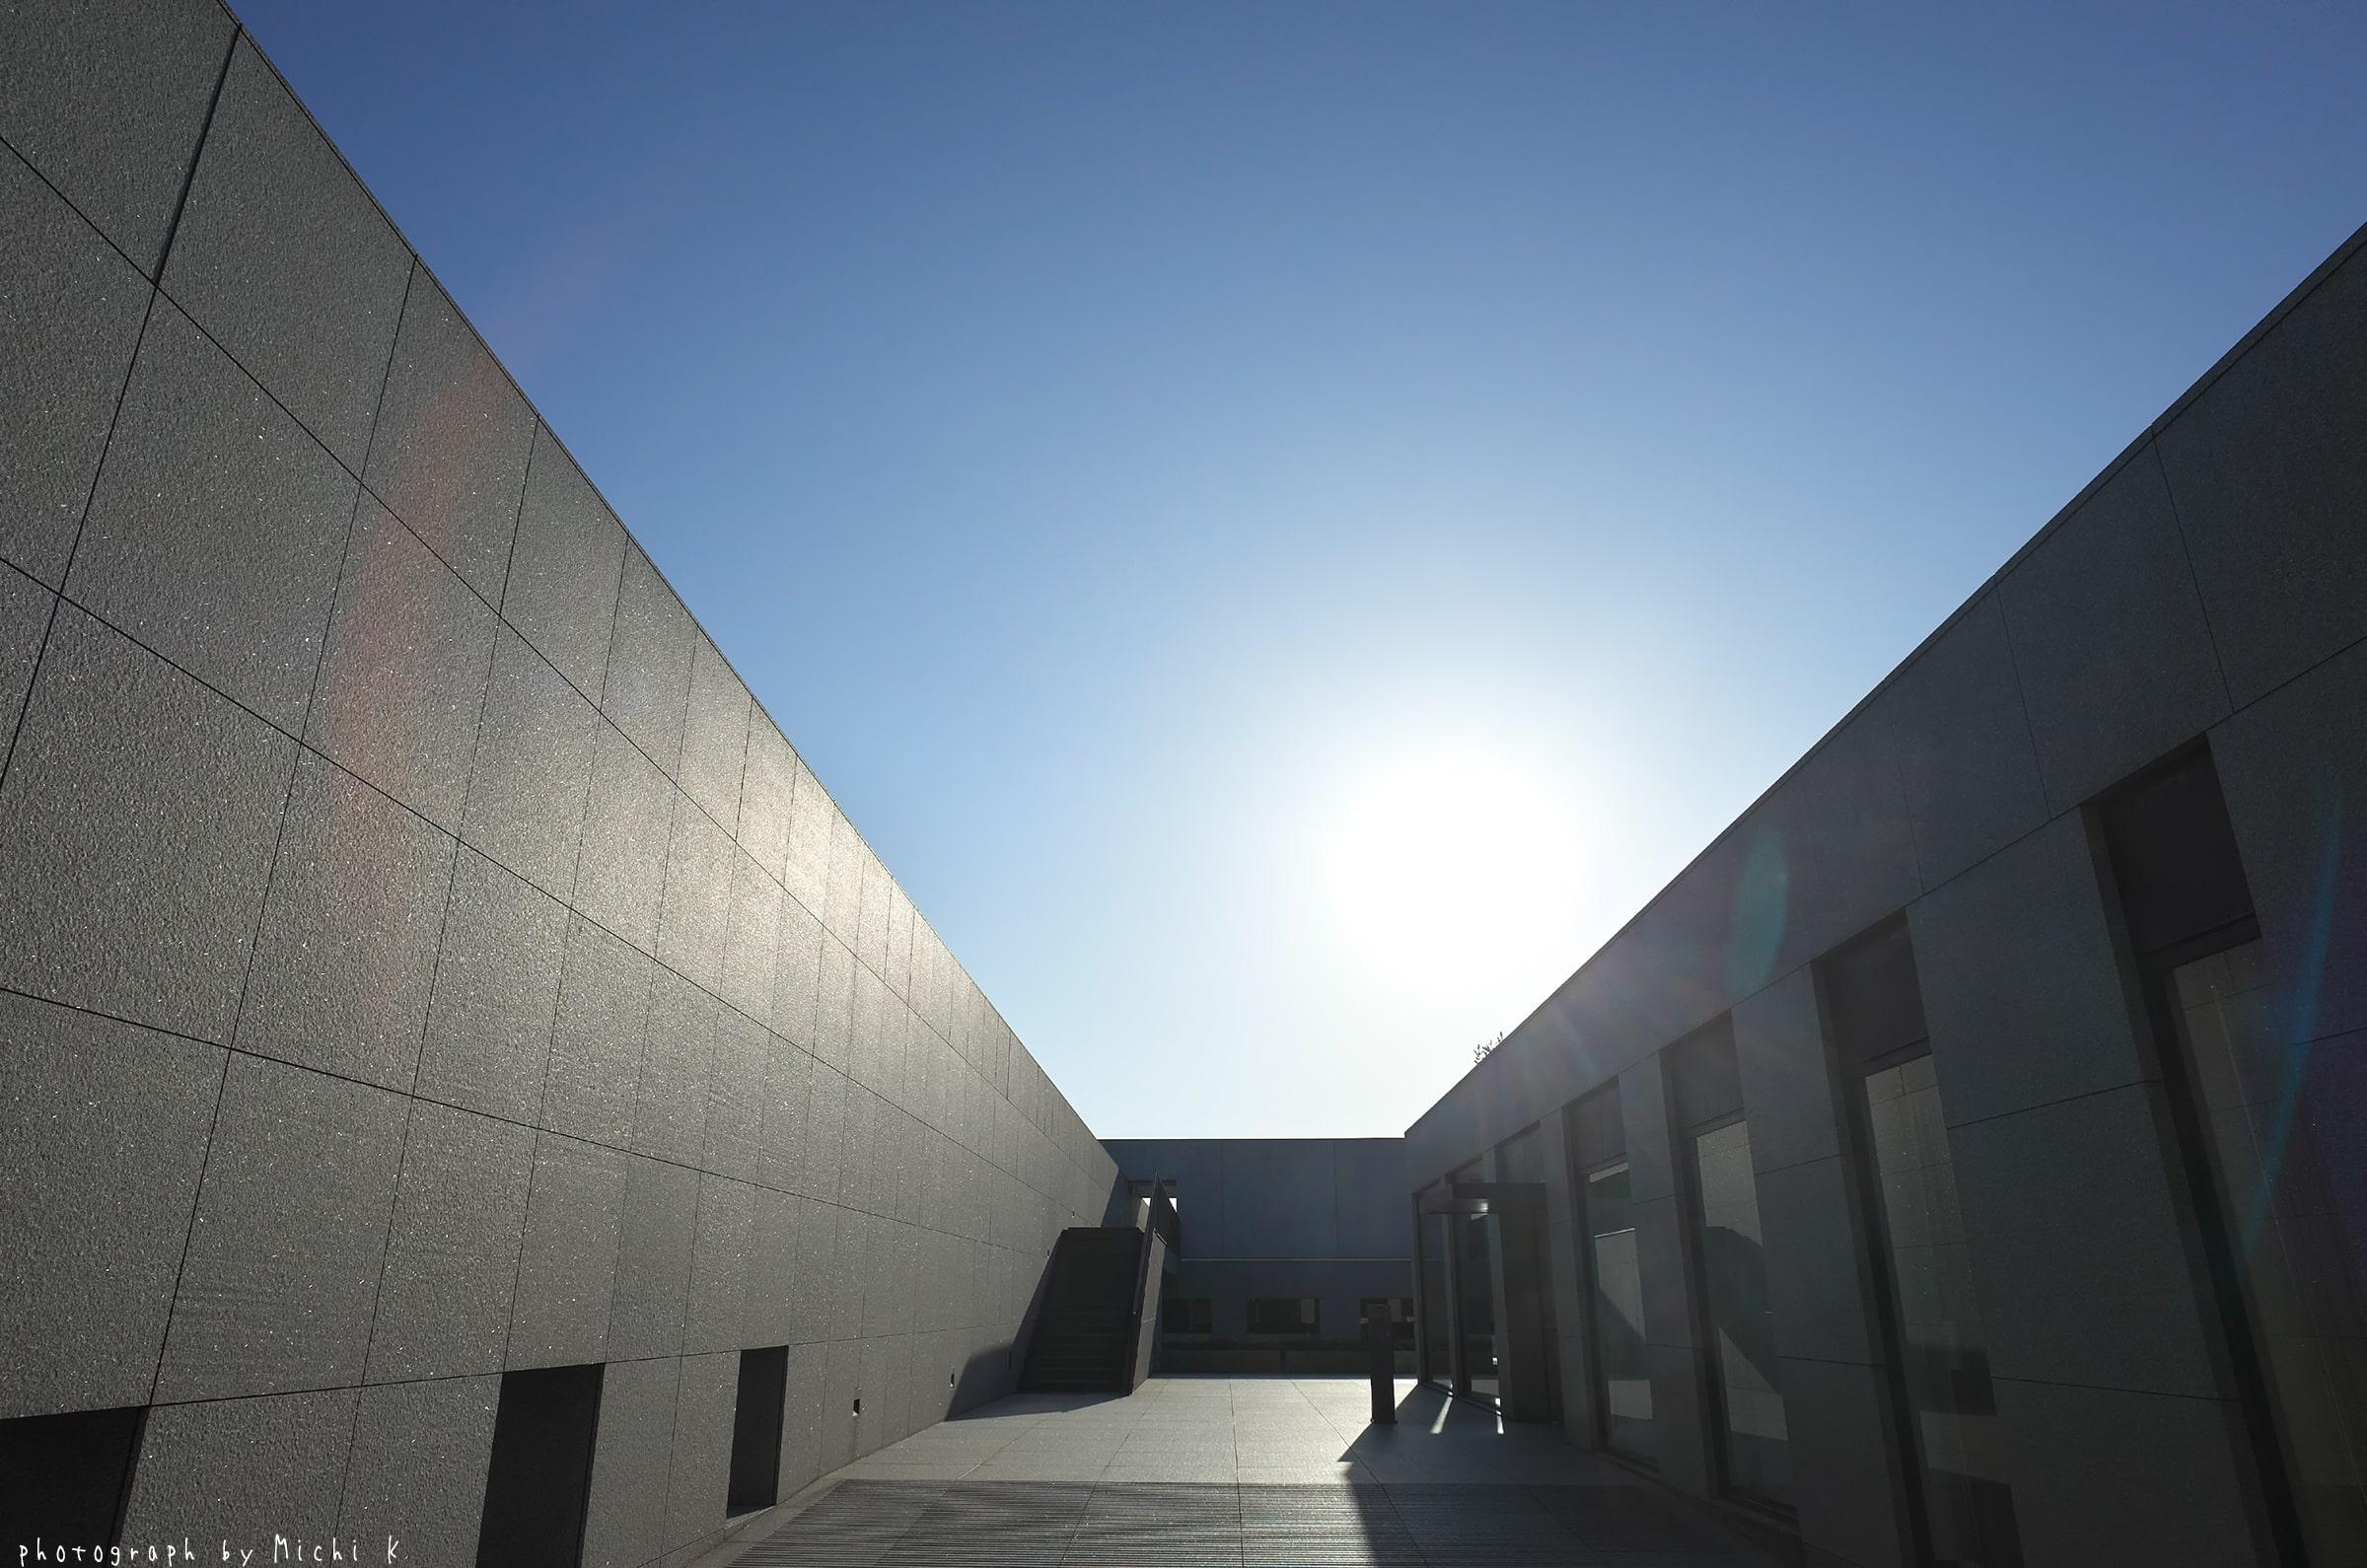 土門拳記念館2019-4-20 朝(写真その4)